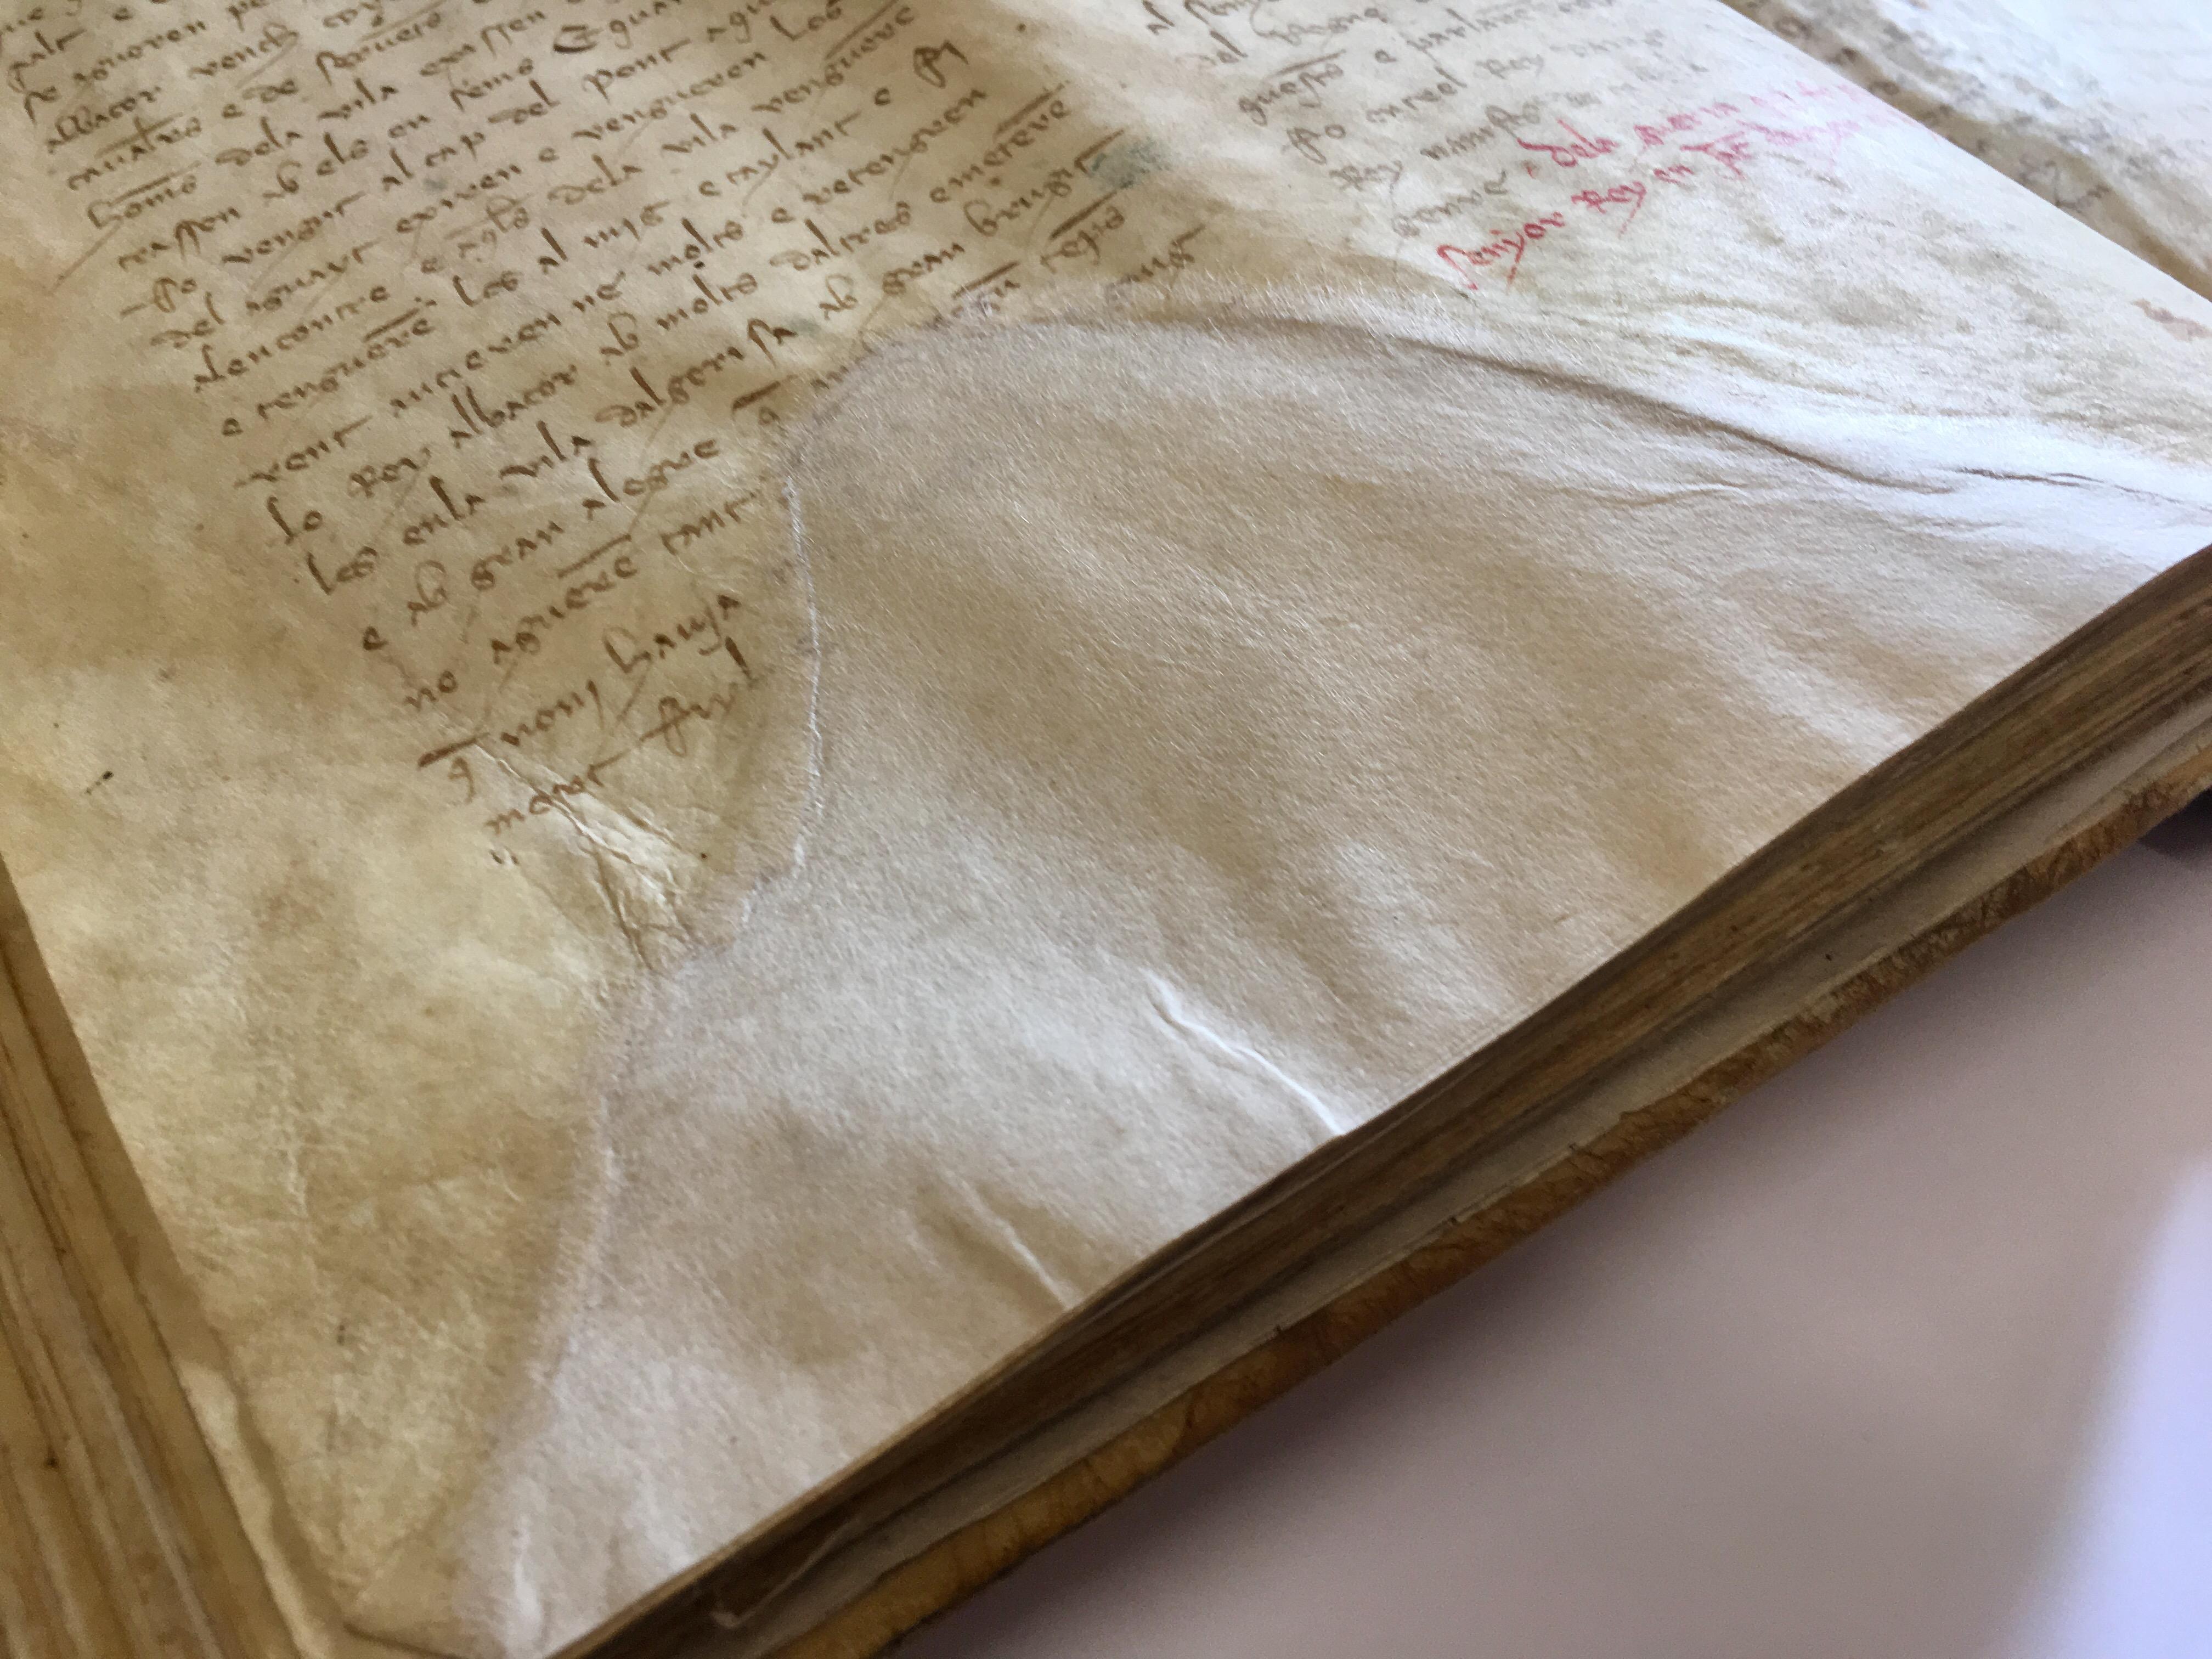 Manuscrit 150 - Després (7)